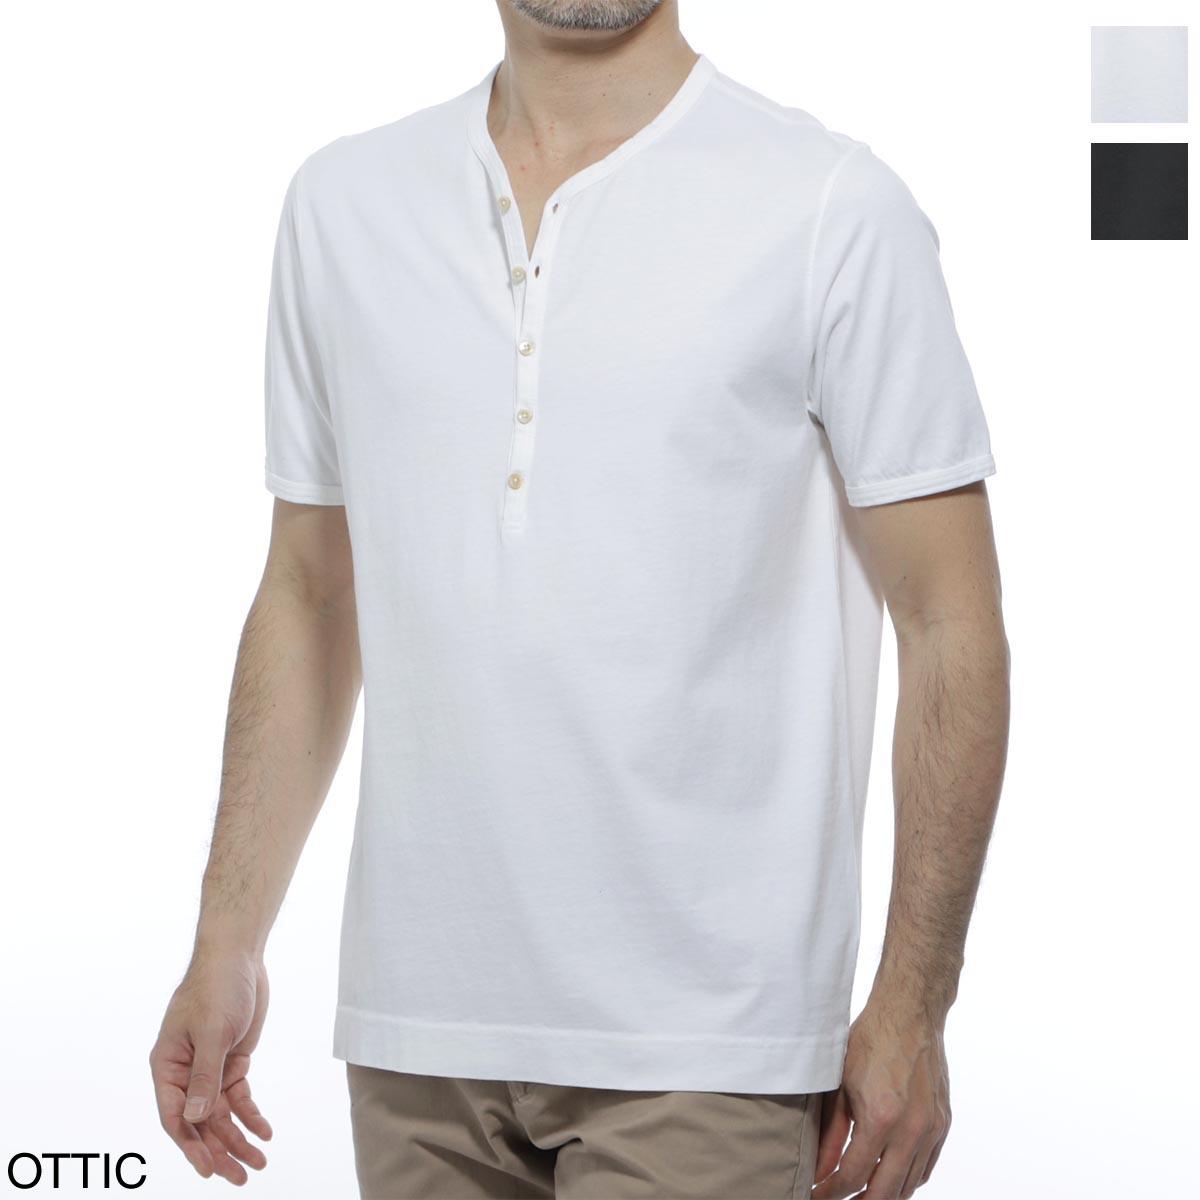 チルコロ CIRCOLO 1901 ヘンリーネックTシャツ メンズ cn2567 ottic【あす楽対応_関東】【返品送料無料】【ラッピング無料】